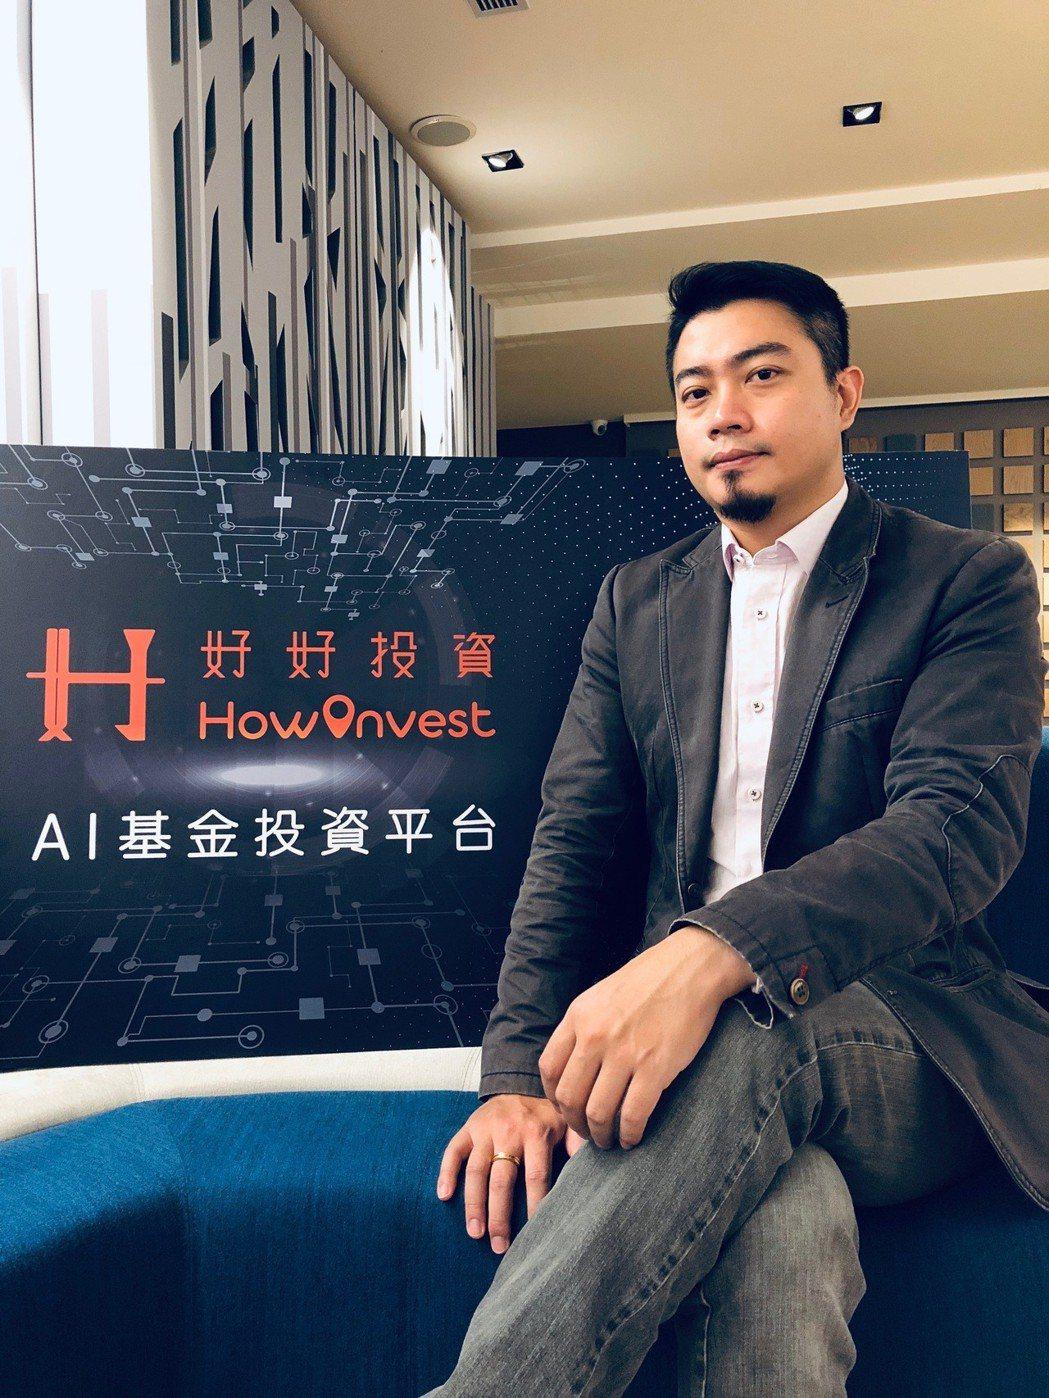 好好投資共同創辦人楊少銘透過AI理財機器人,解決基金投資痛點。記者張語羚/攝影